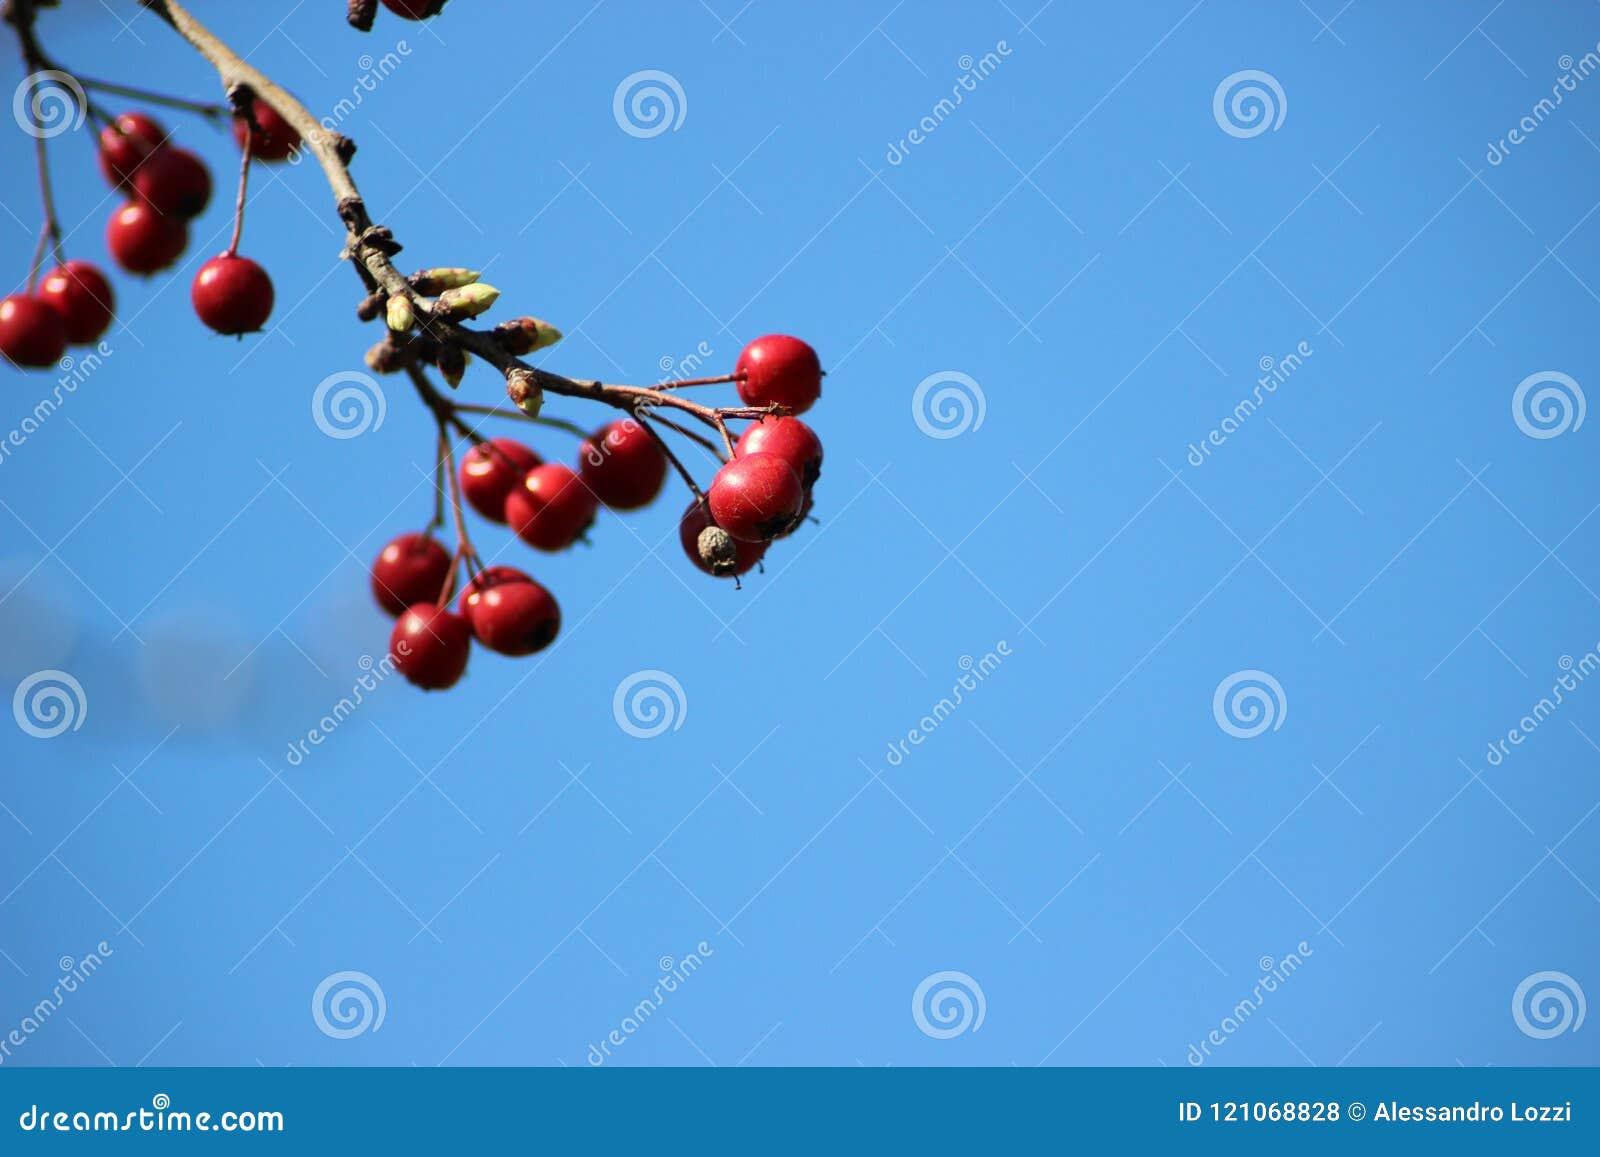 Red berries in a vivid blue sky